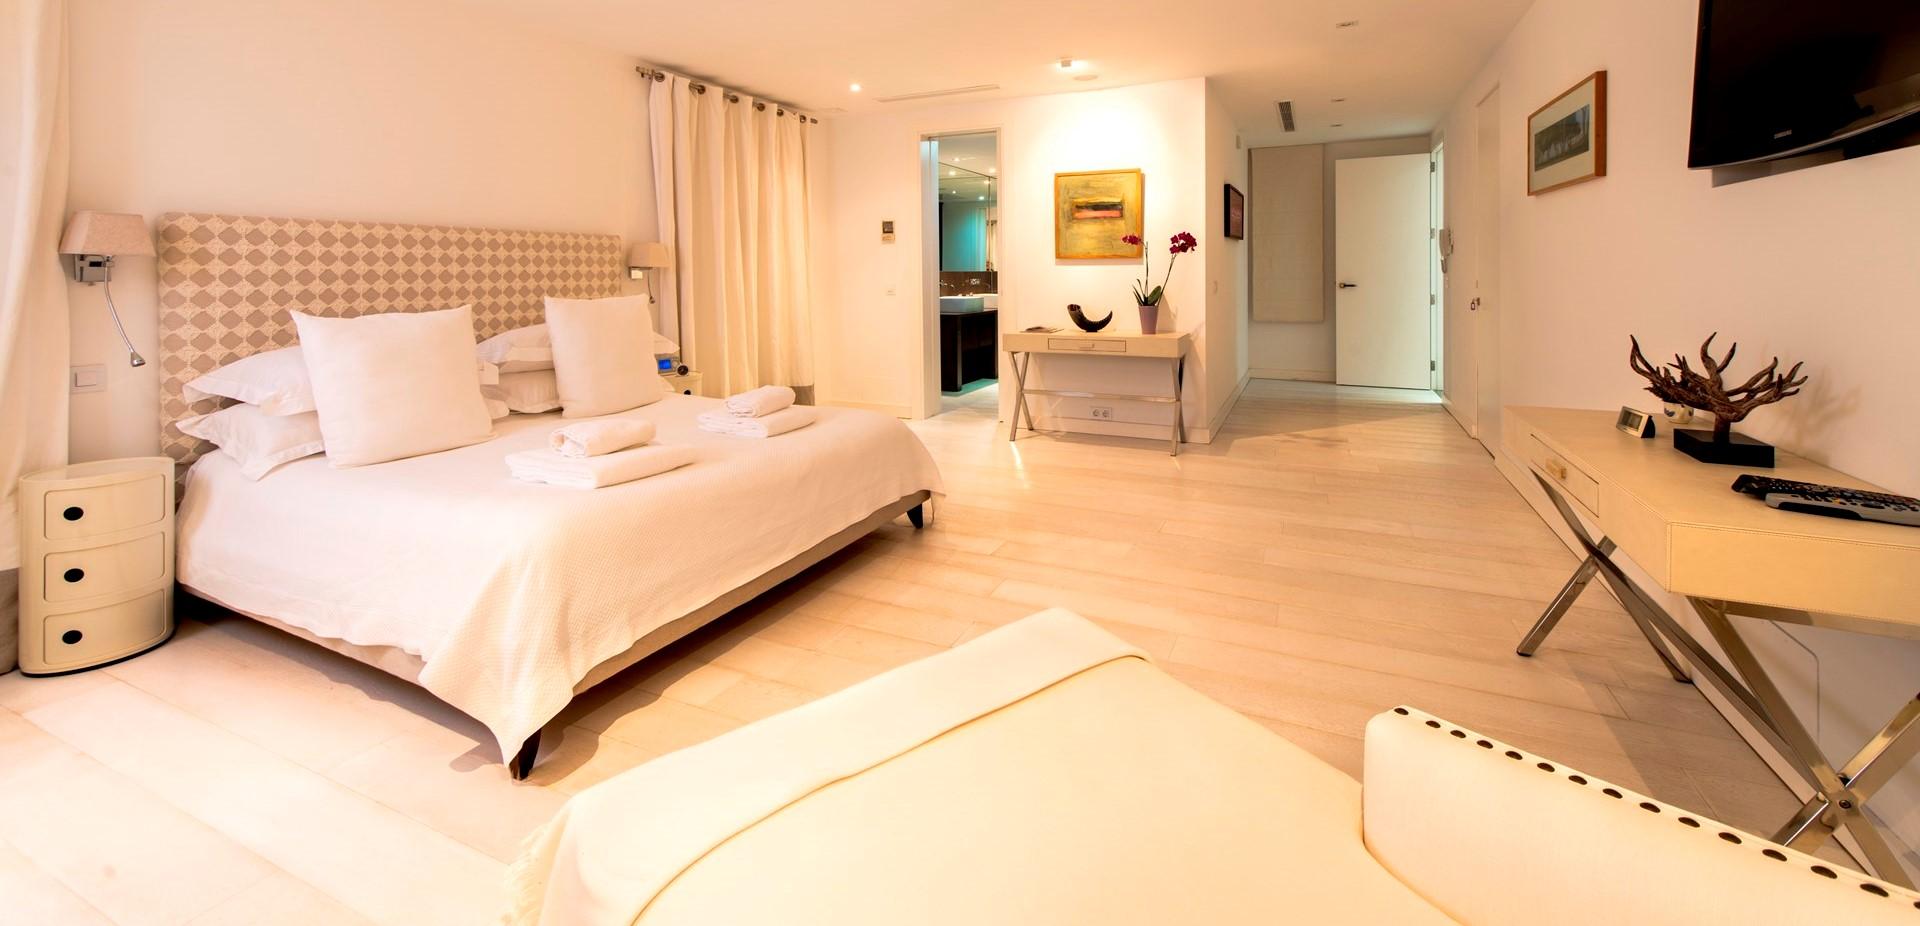 finca-jabali-master-bedroom-suite